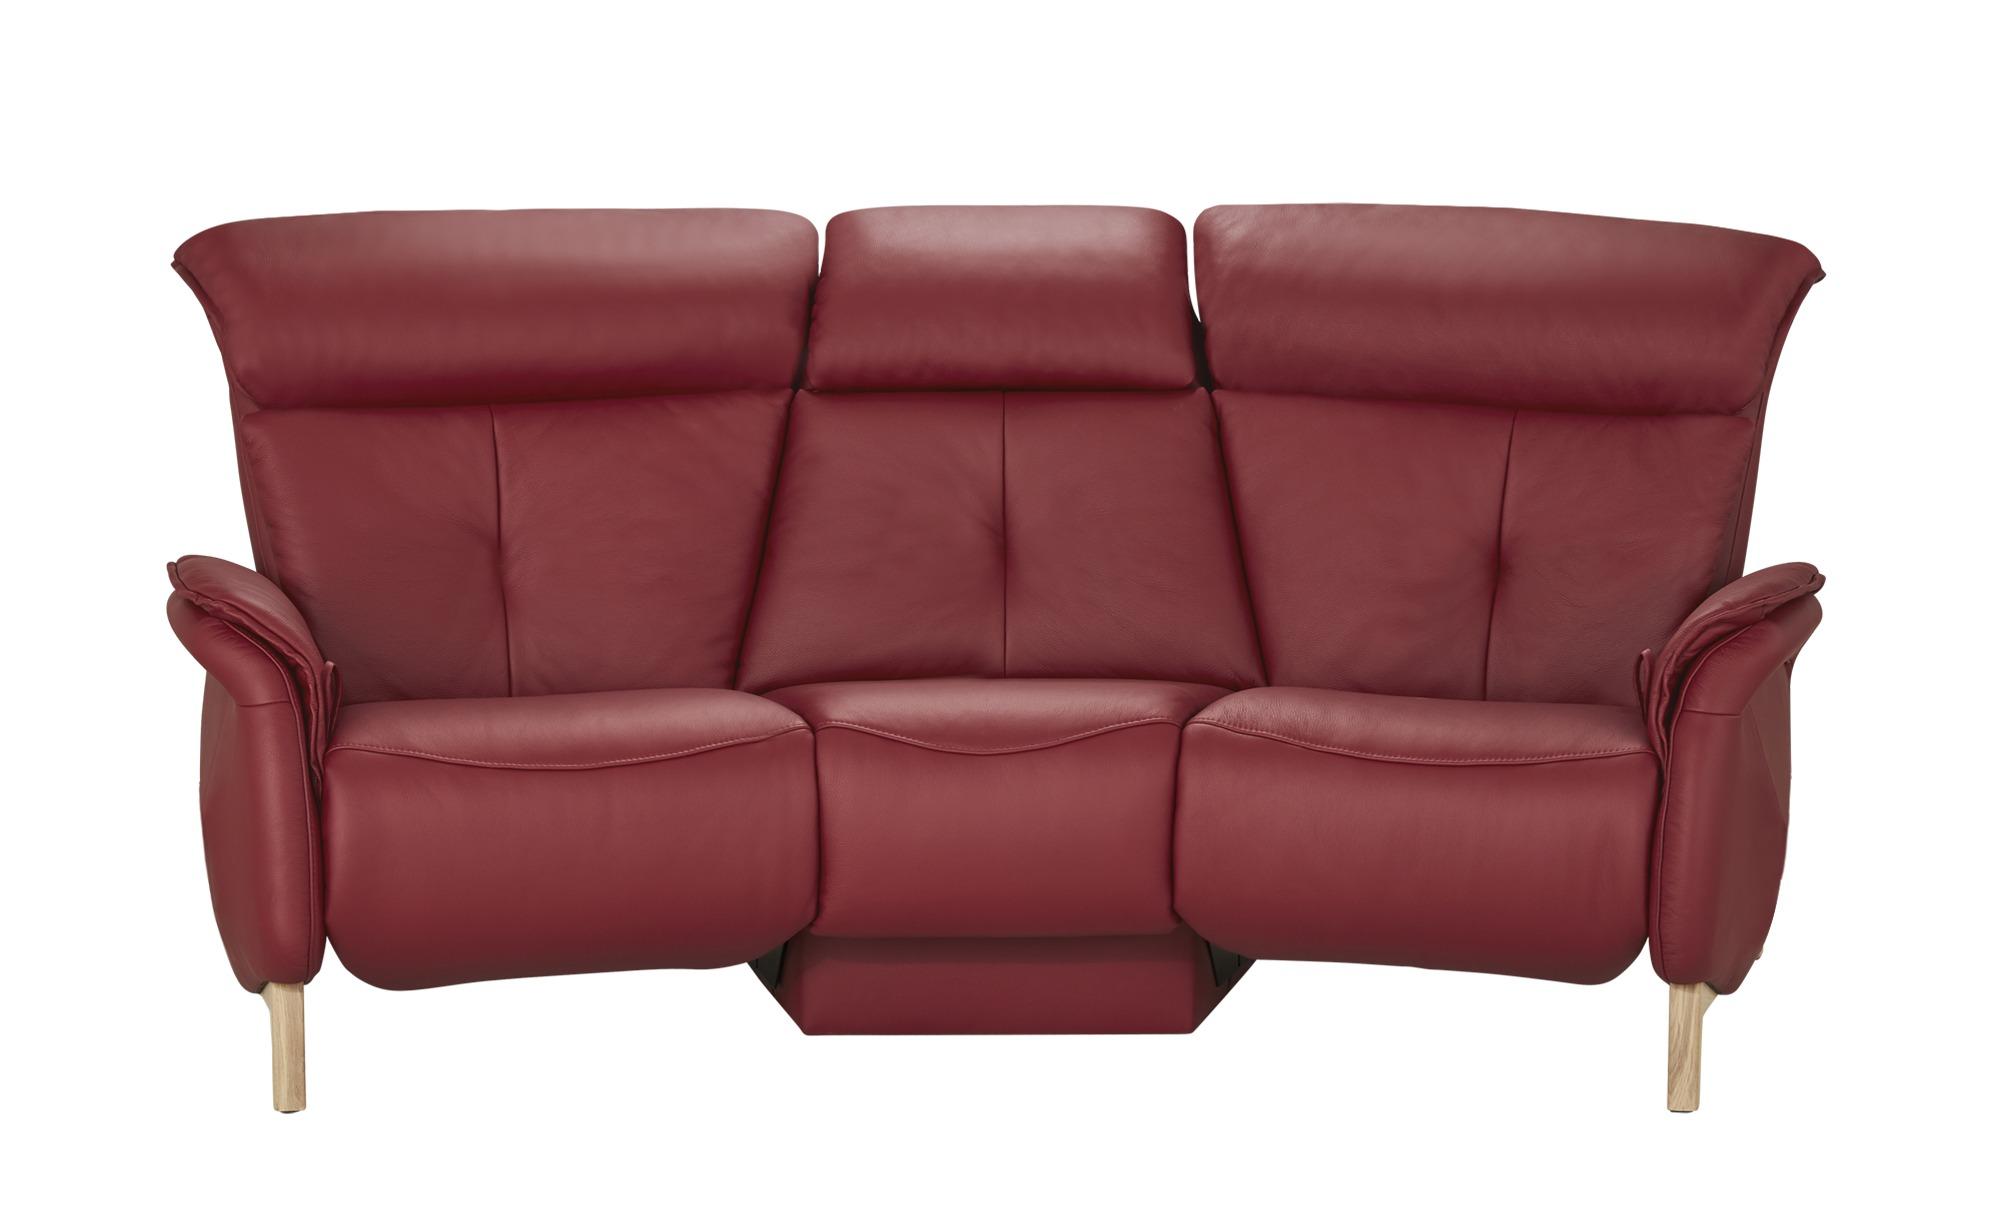 himolla Einzelsofa Leder  4708 ¦ rot ¦ Maße (cm): B: 216 H: 97 T: 119 Polstermöbel > Sofas > 2-Sitzer - Höffner